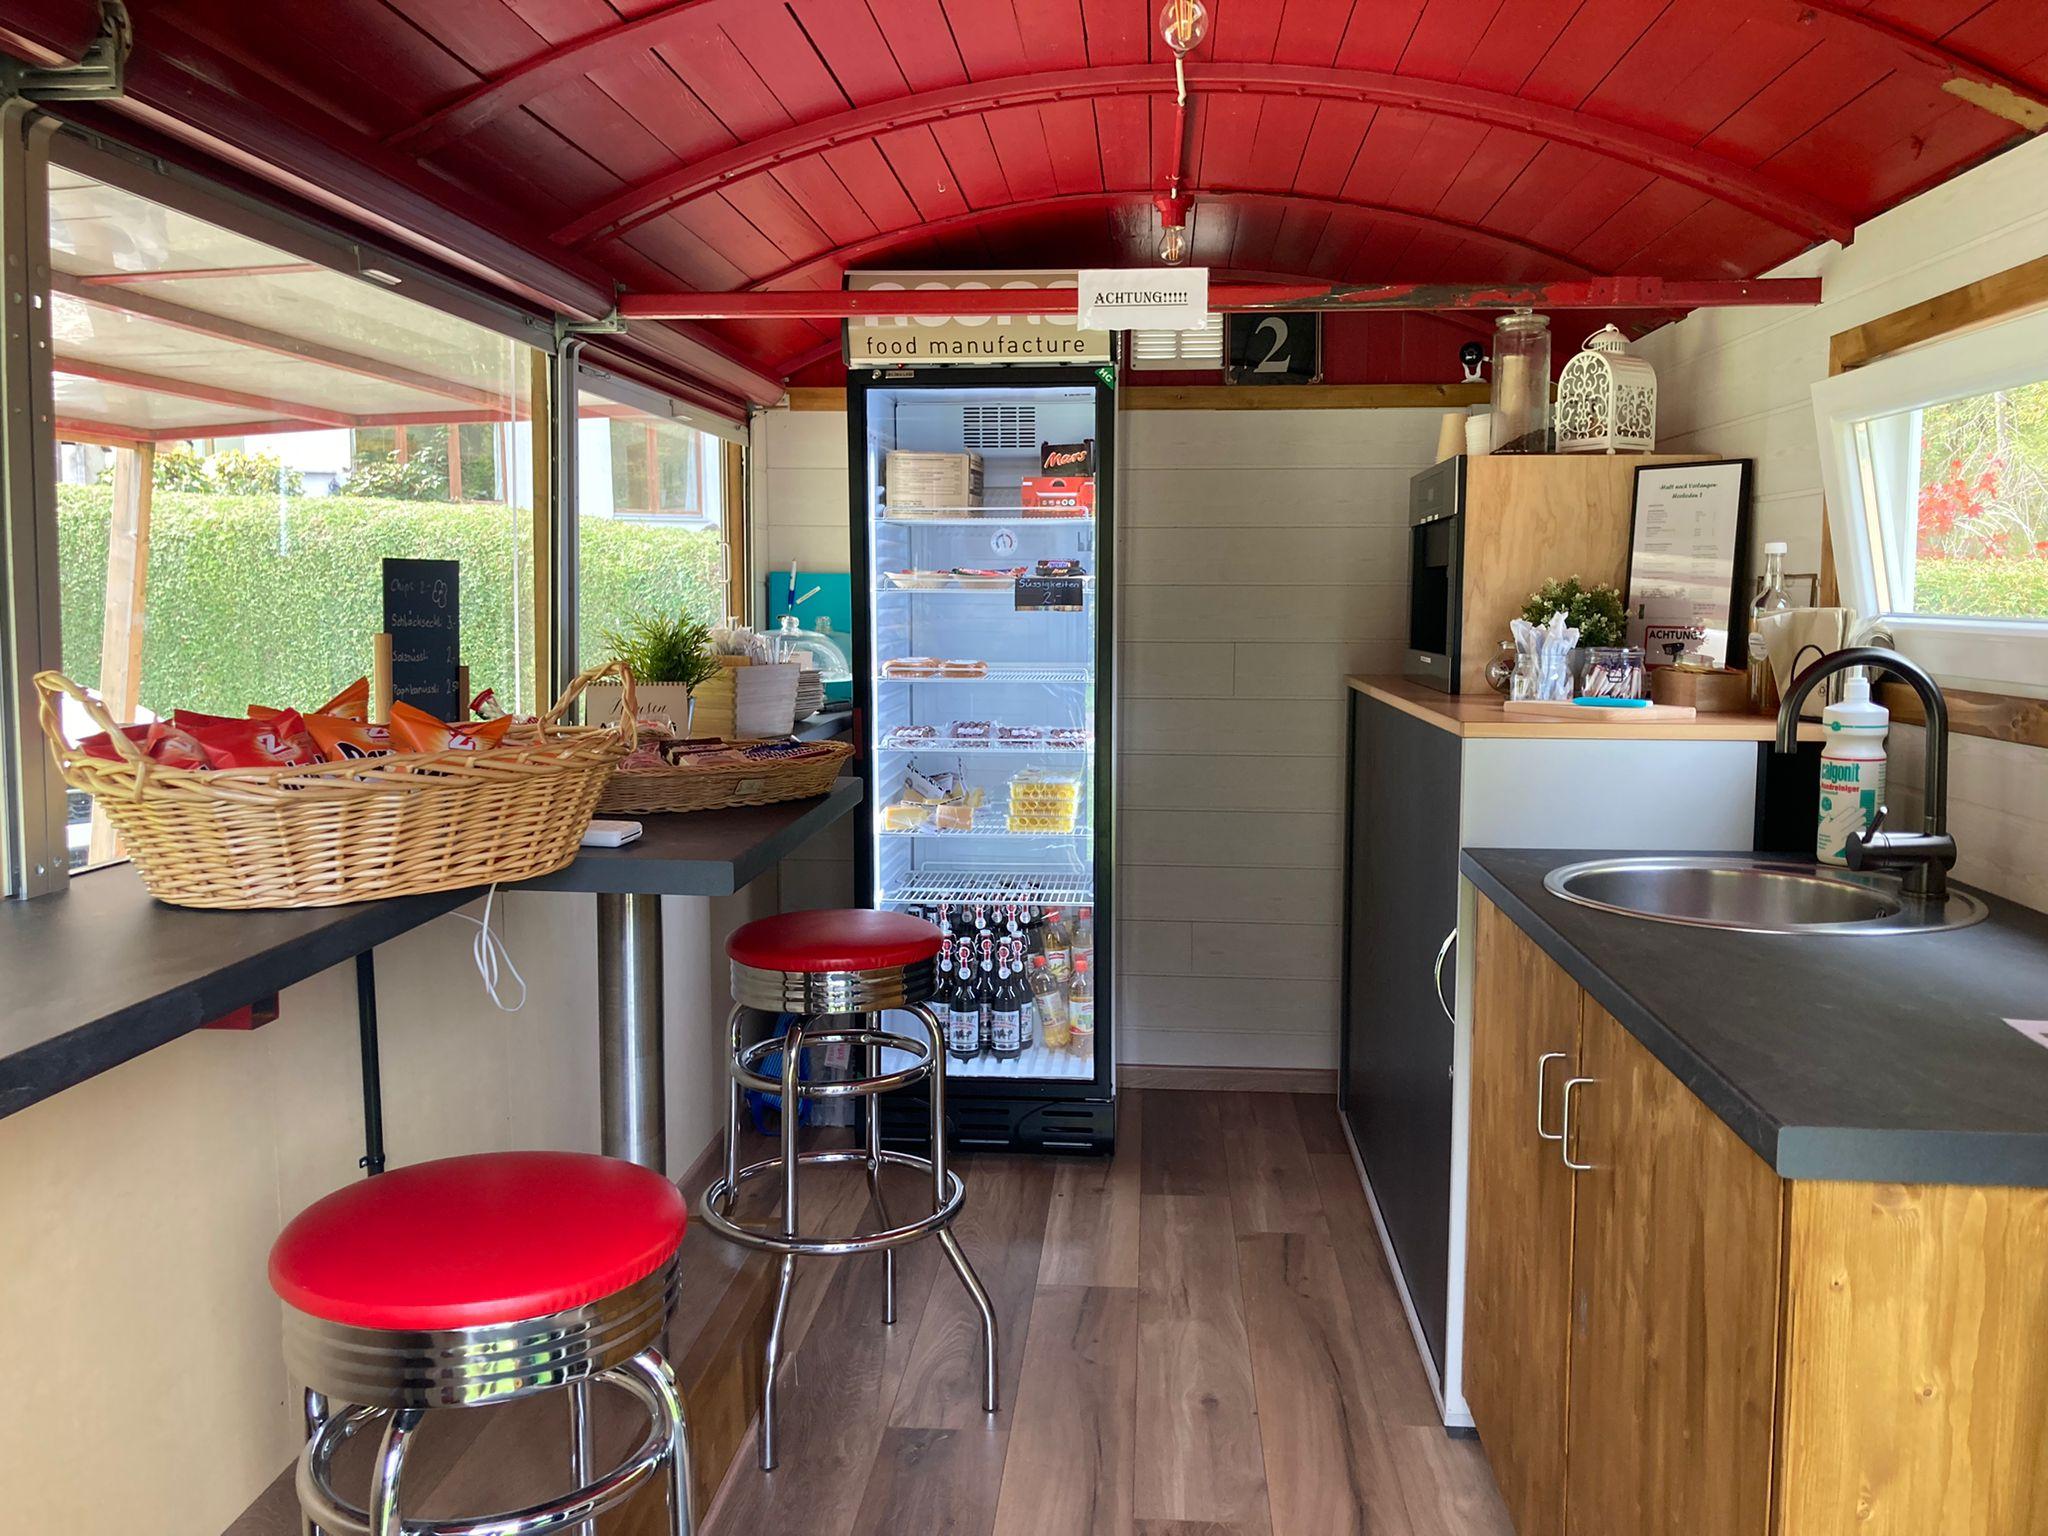 Kühlschrank im Bistro Barwagen